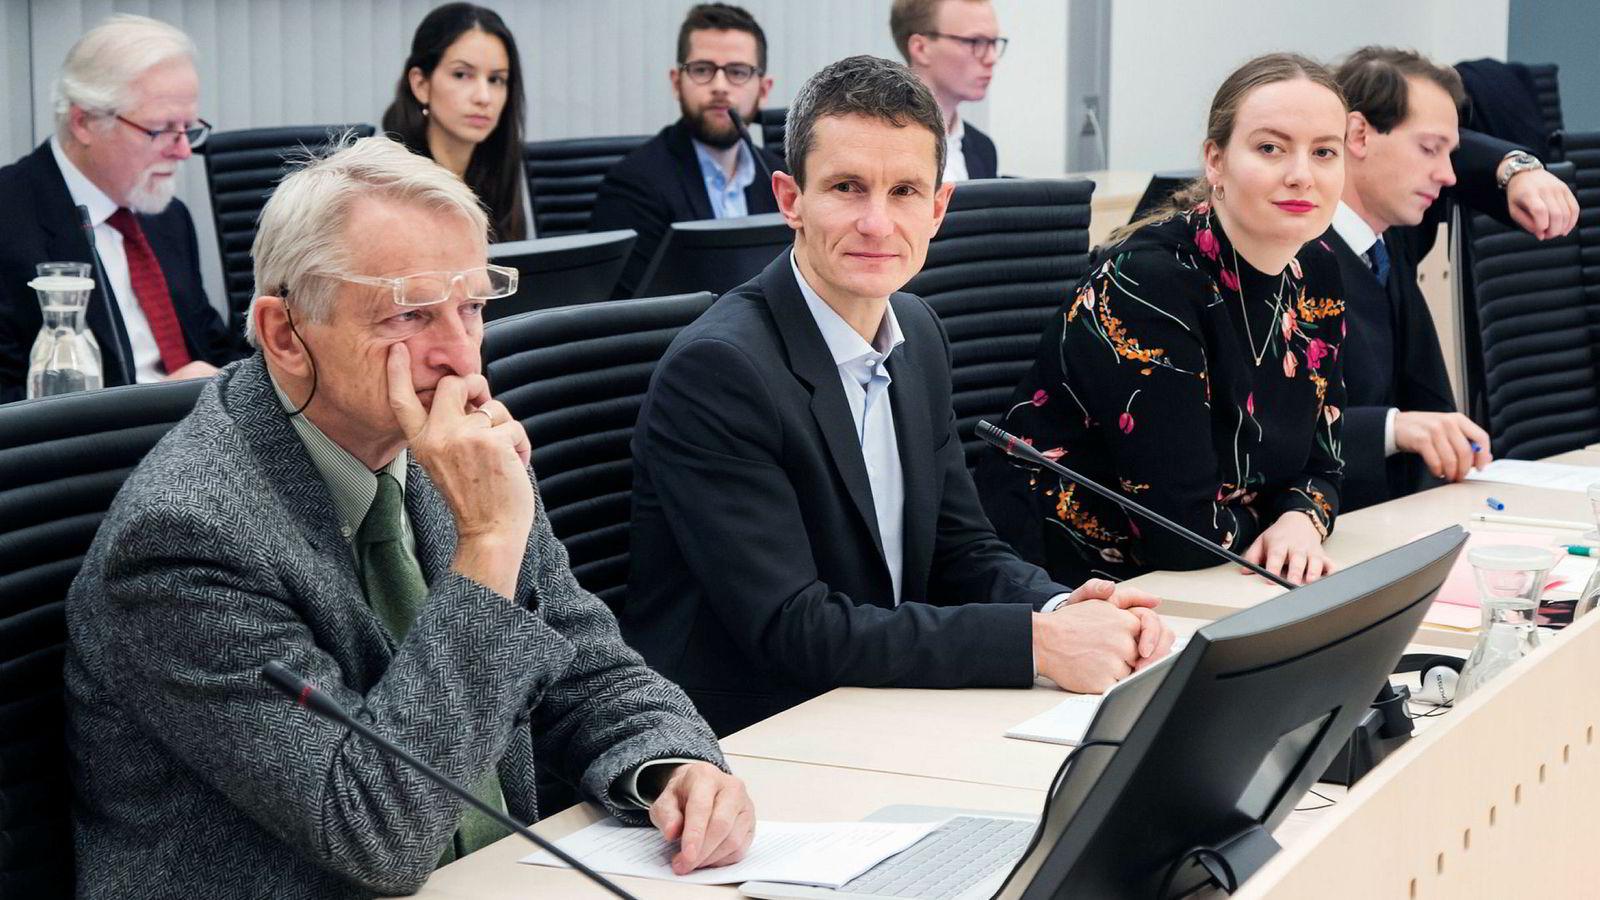 Torsdag ettermiddag kom dommen fra Oslo tingrett med tap for miljøbevegelsen. Her fra rettssalen underveis i rettssaken, advokat Ketil Lund (fra venstre), Truls Gulowsen, leder i Greenpeace Norge, Ingrid Skjoldvær, leder i Natur og Ungdom, og advokat Emanuel Feinberg.